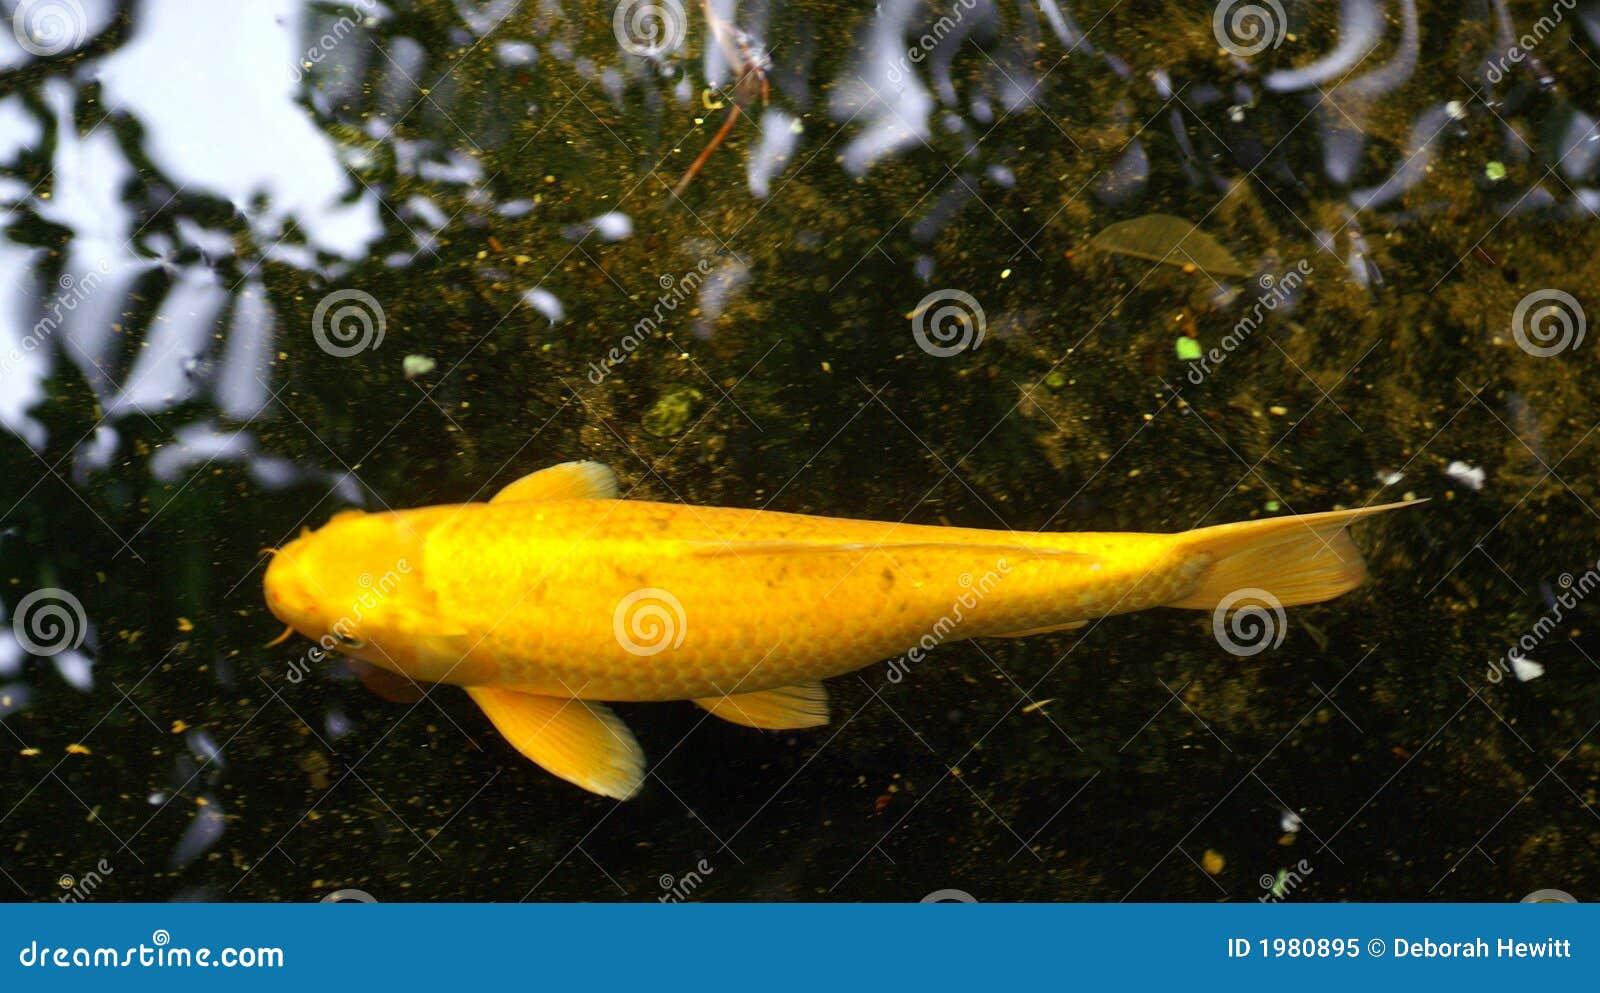 Kigoi yellow koi royalty free stock photo image 1980895 for Yellow koi fish